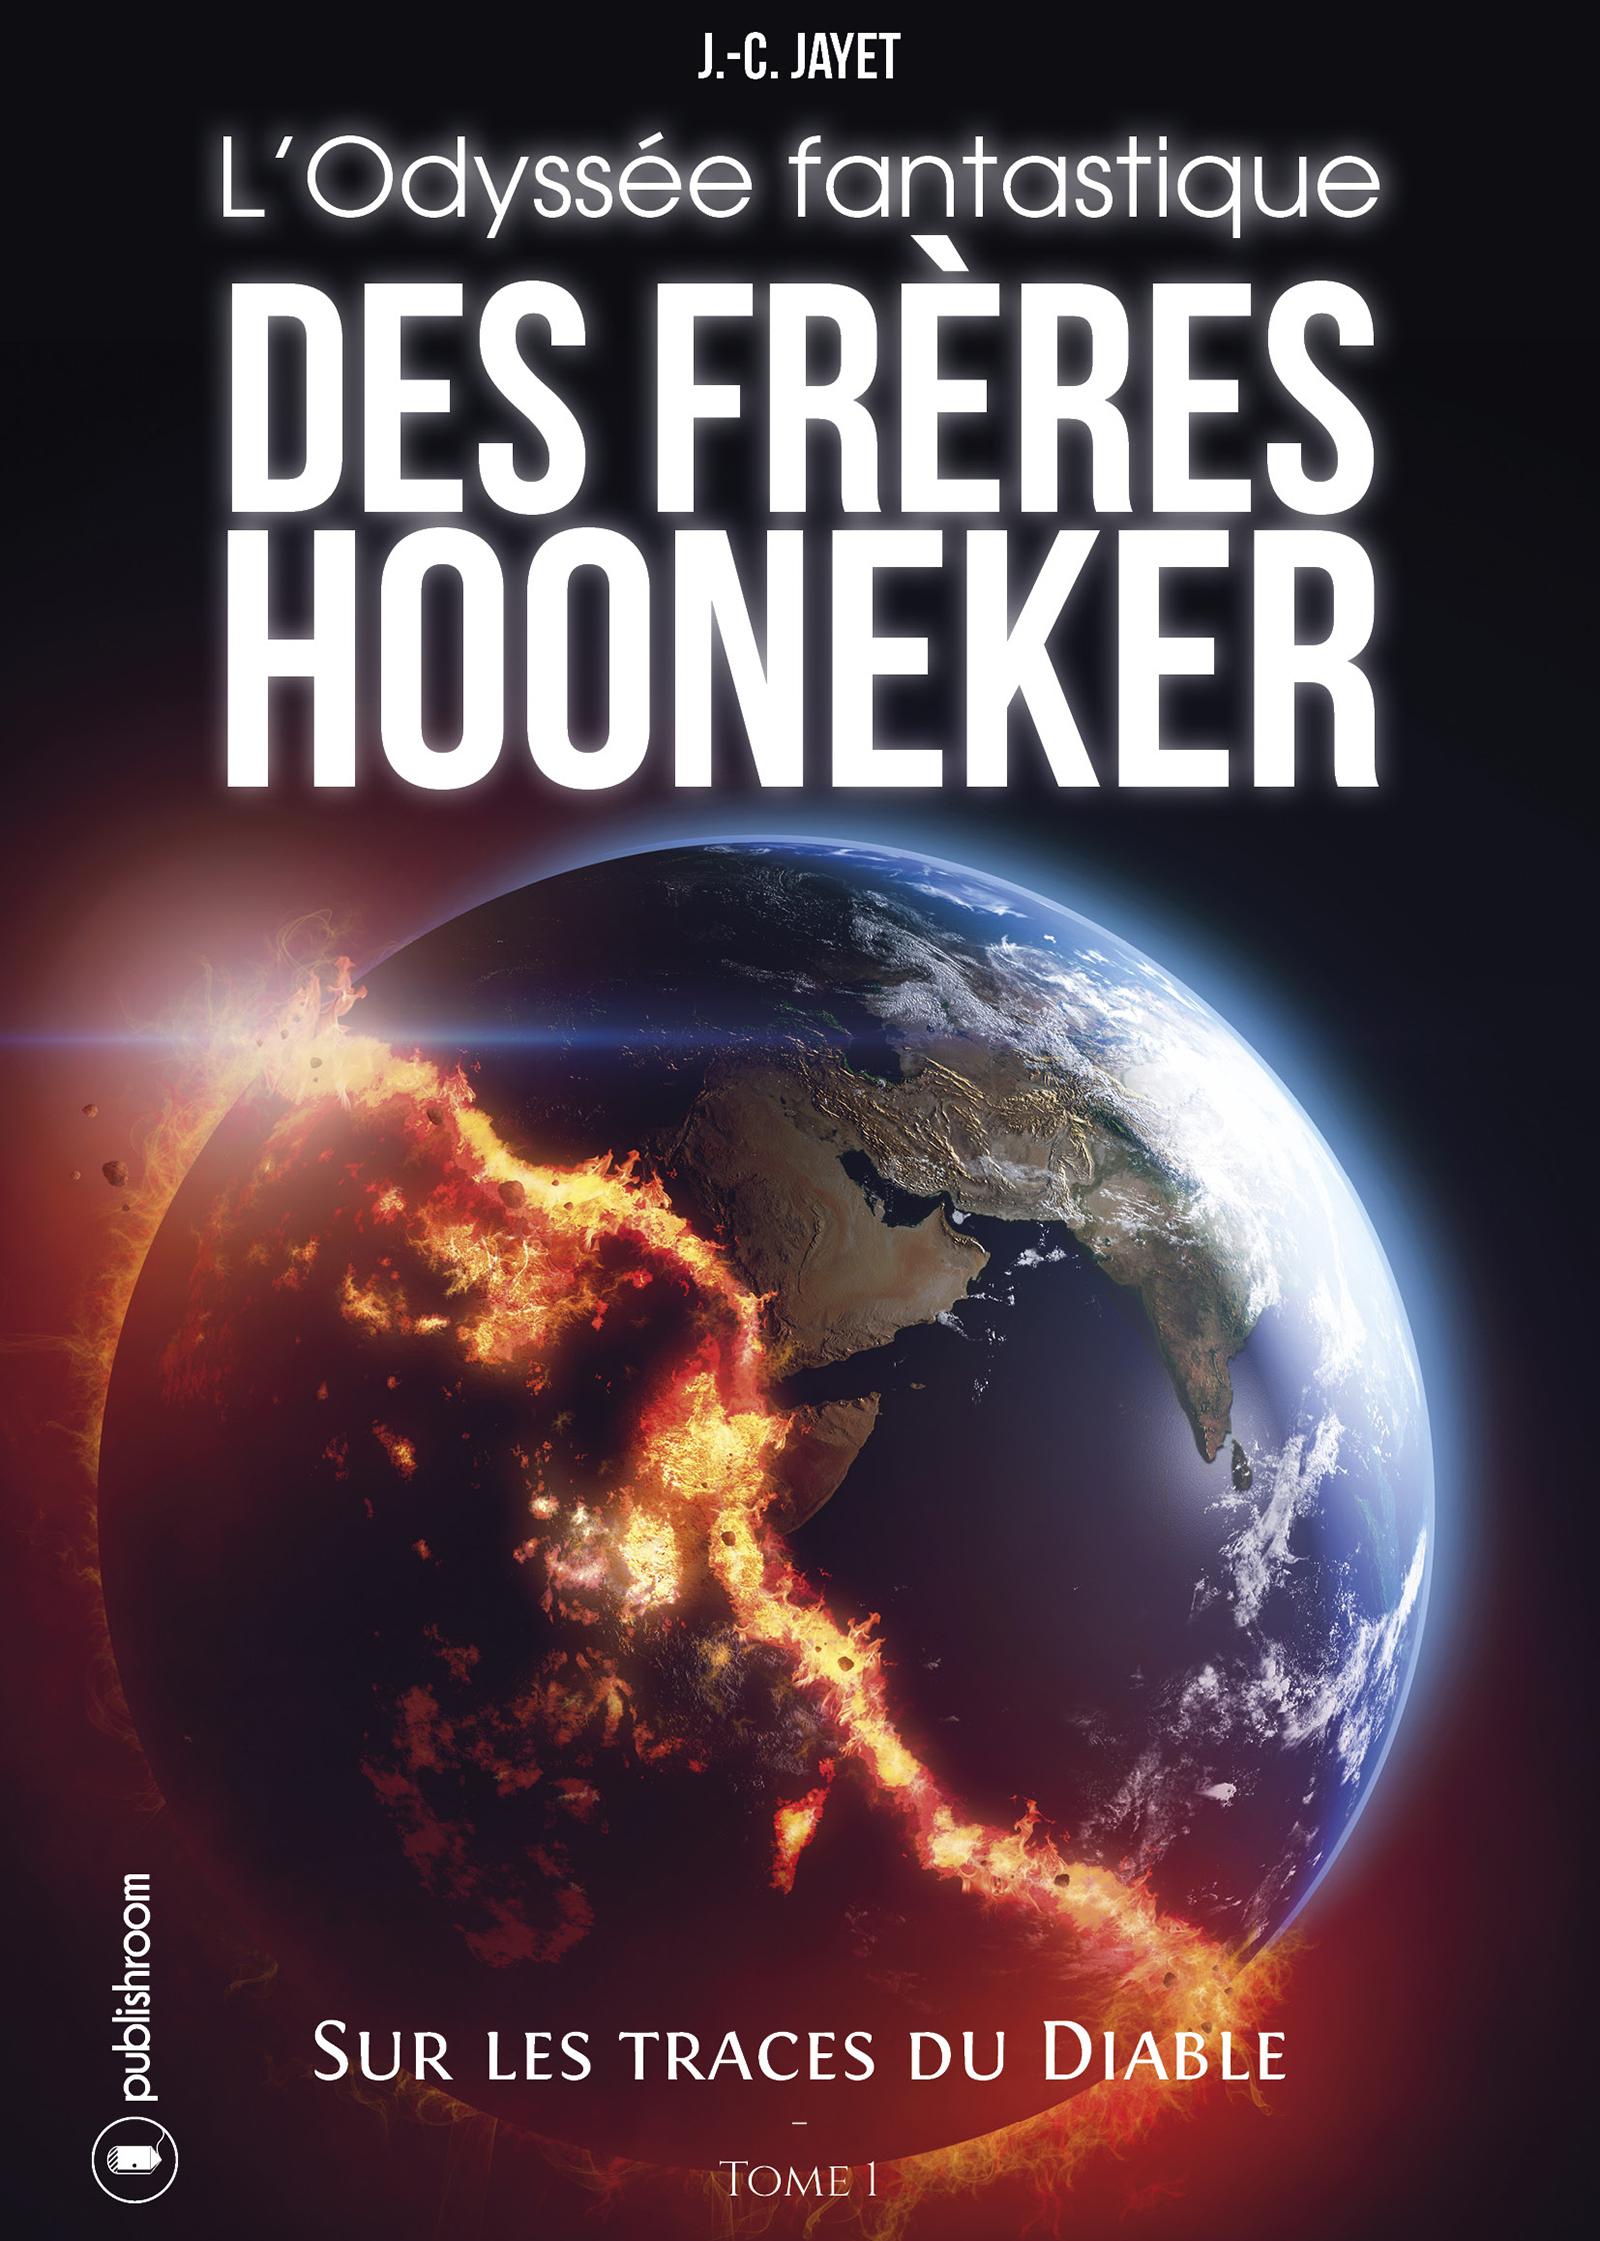 L'Odyssée fantastique des frères Hooneker, Tome 1 - Sur les traces du diable